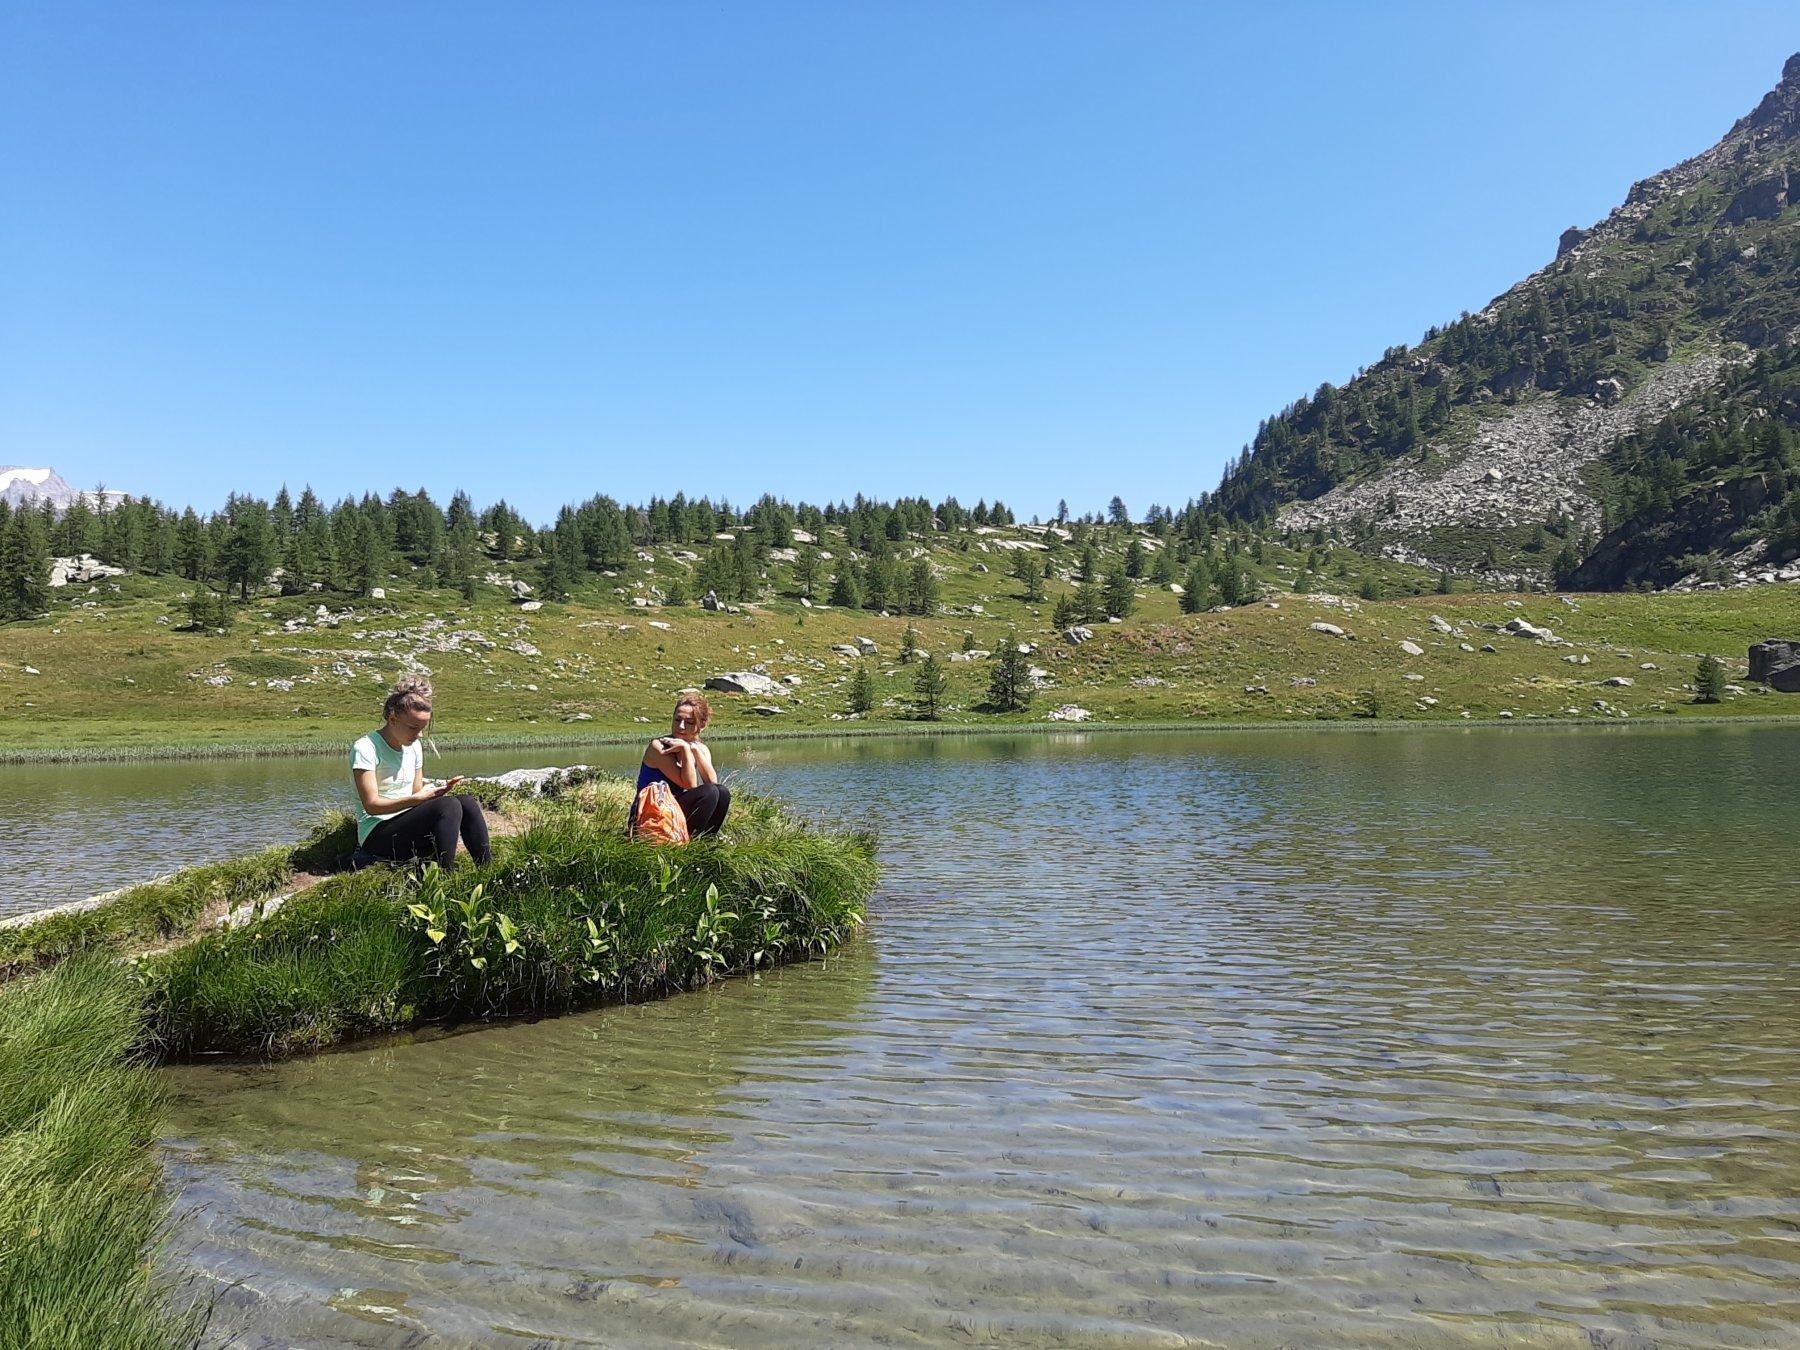 Un' oasi di pace e bellezza...con all'estrema sx il Gran Paradiso!